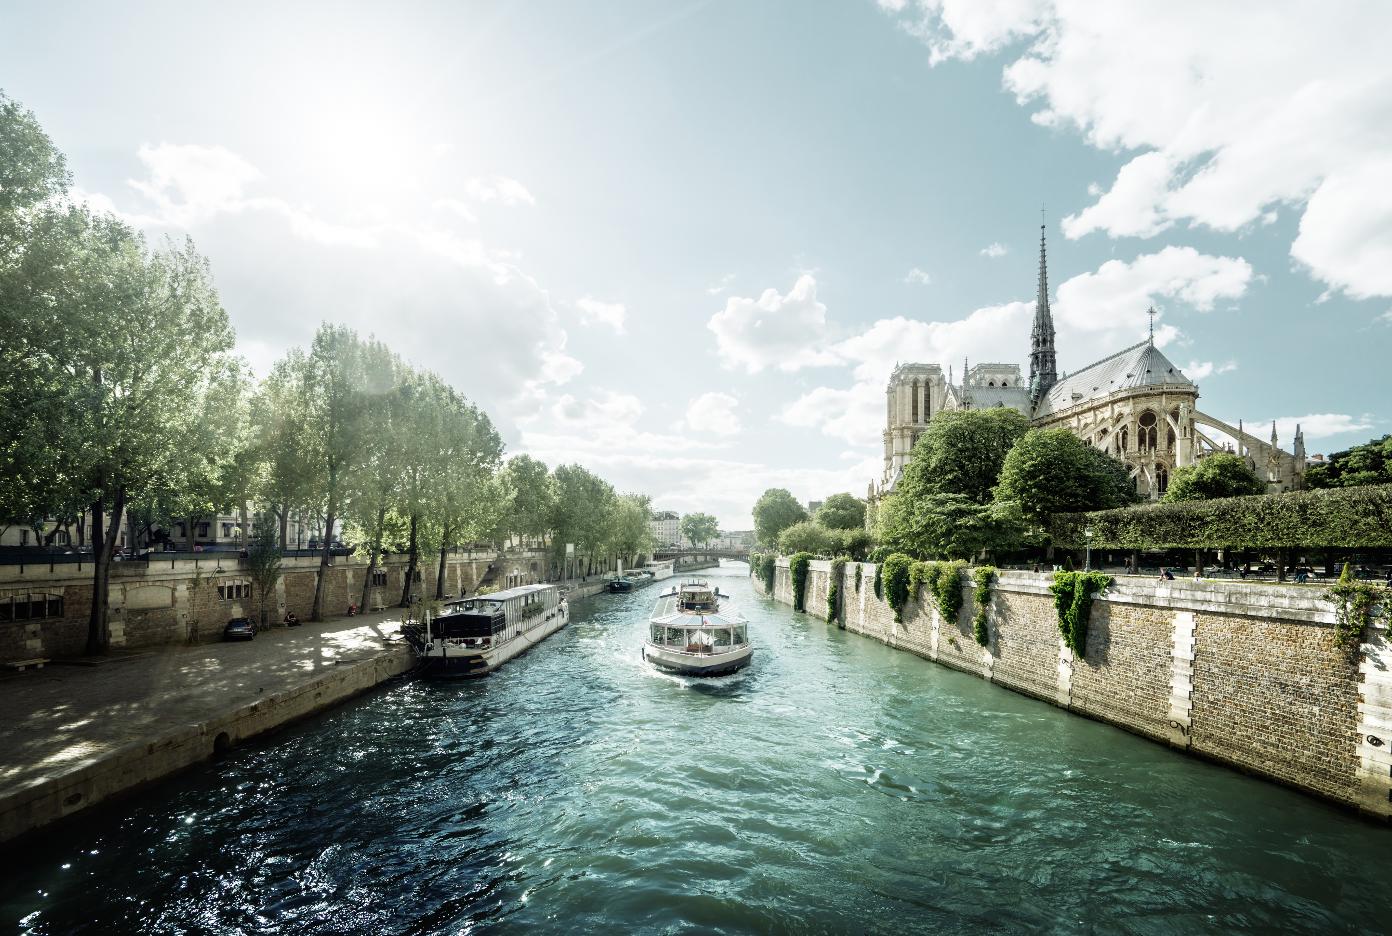 Roteiro de 3 dias em Paris 10 dicas Viaje Global